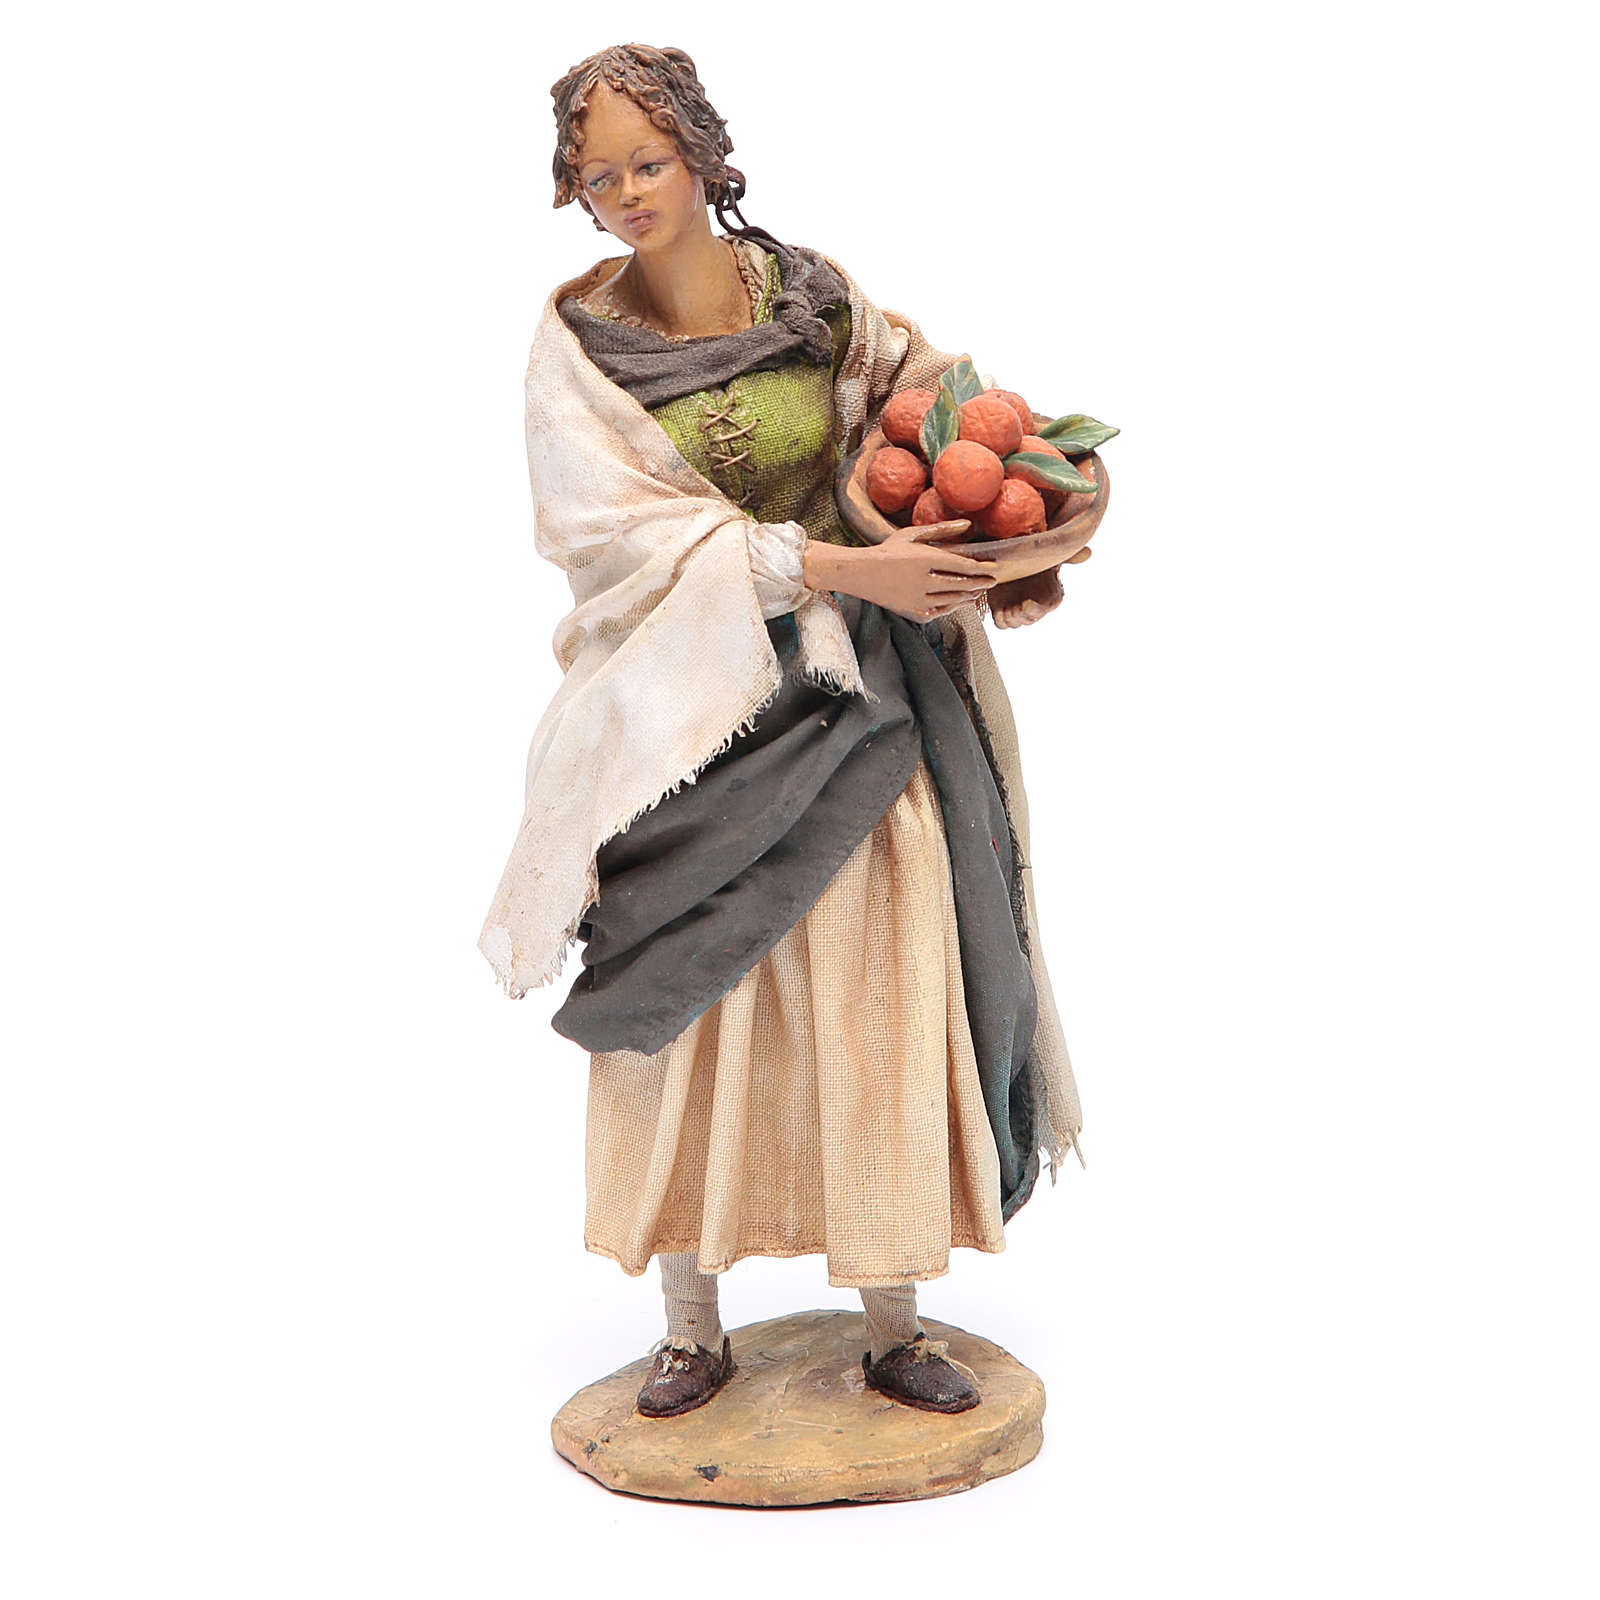 Femme debout avec panier d'oranges 18 cm Angela Tripi 4